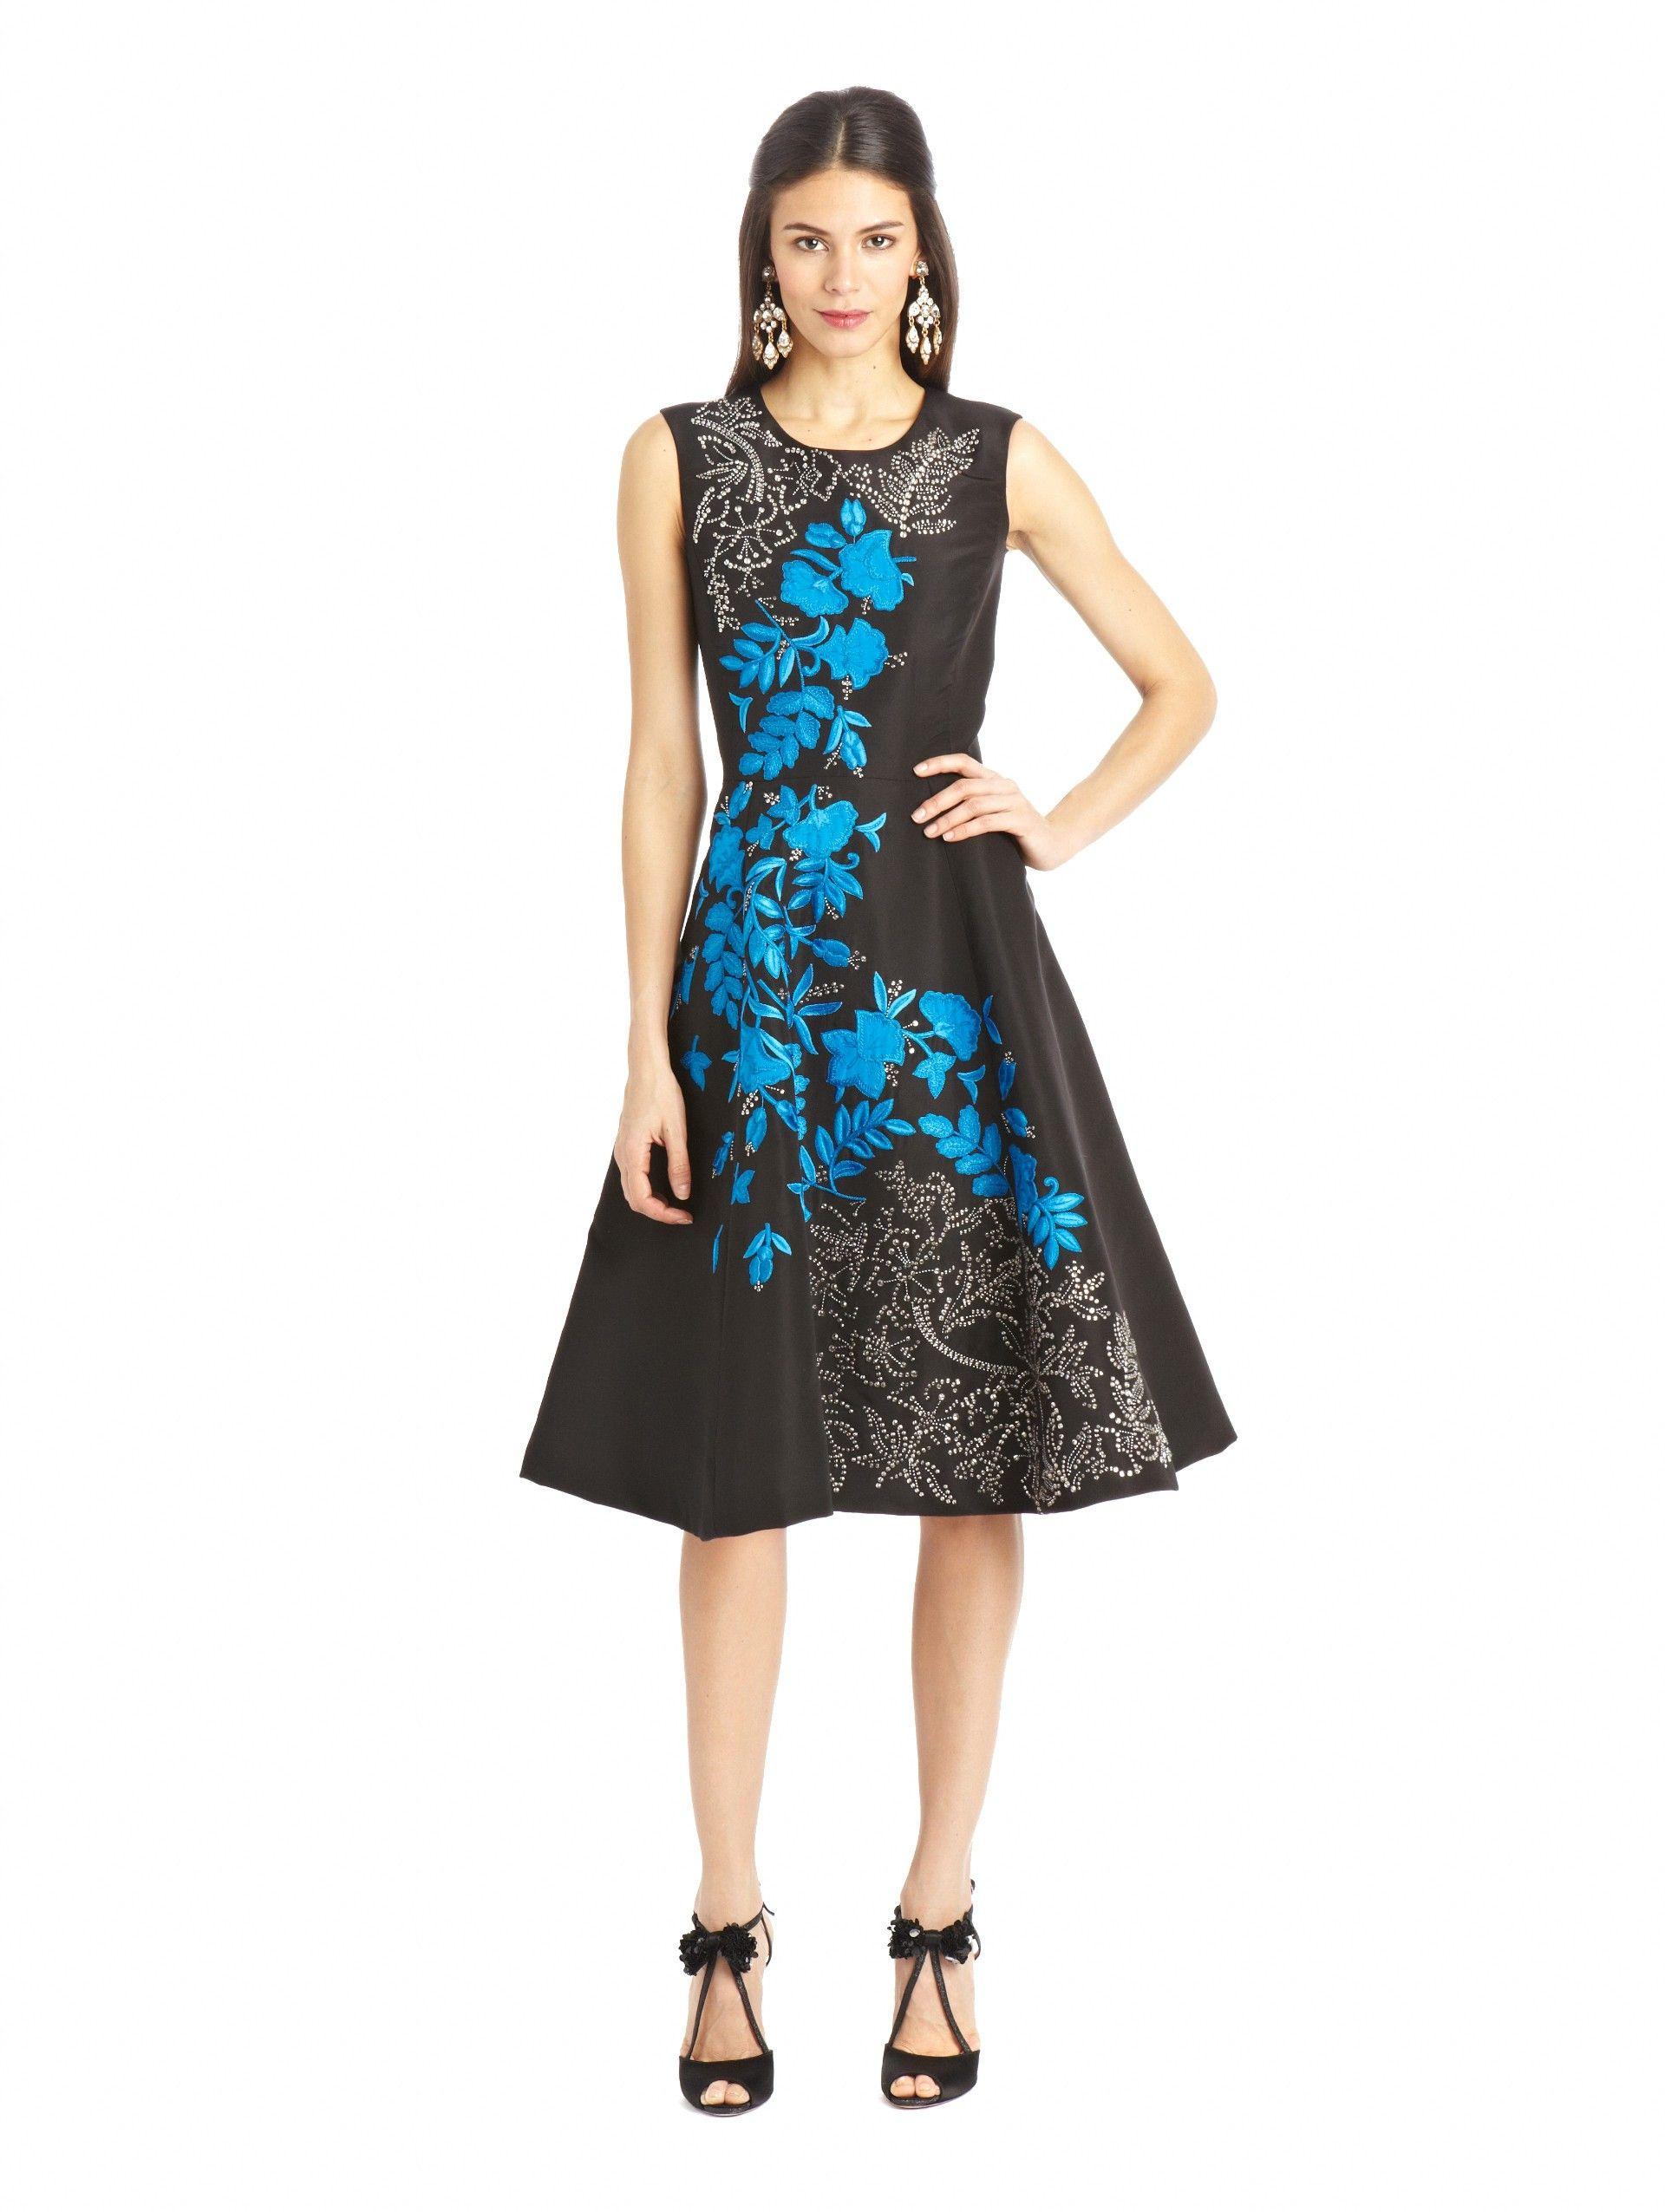 Oscar de la Renta earrings Shoes black blue silver dress character ...